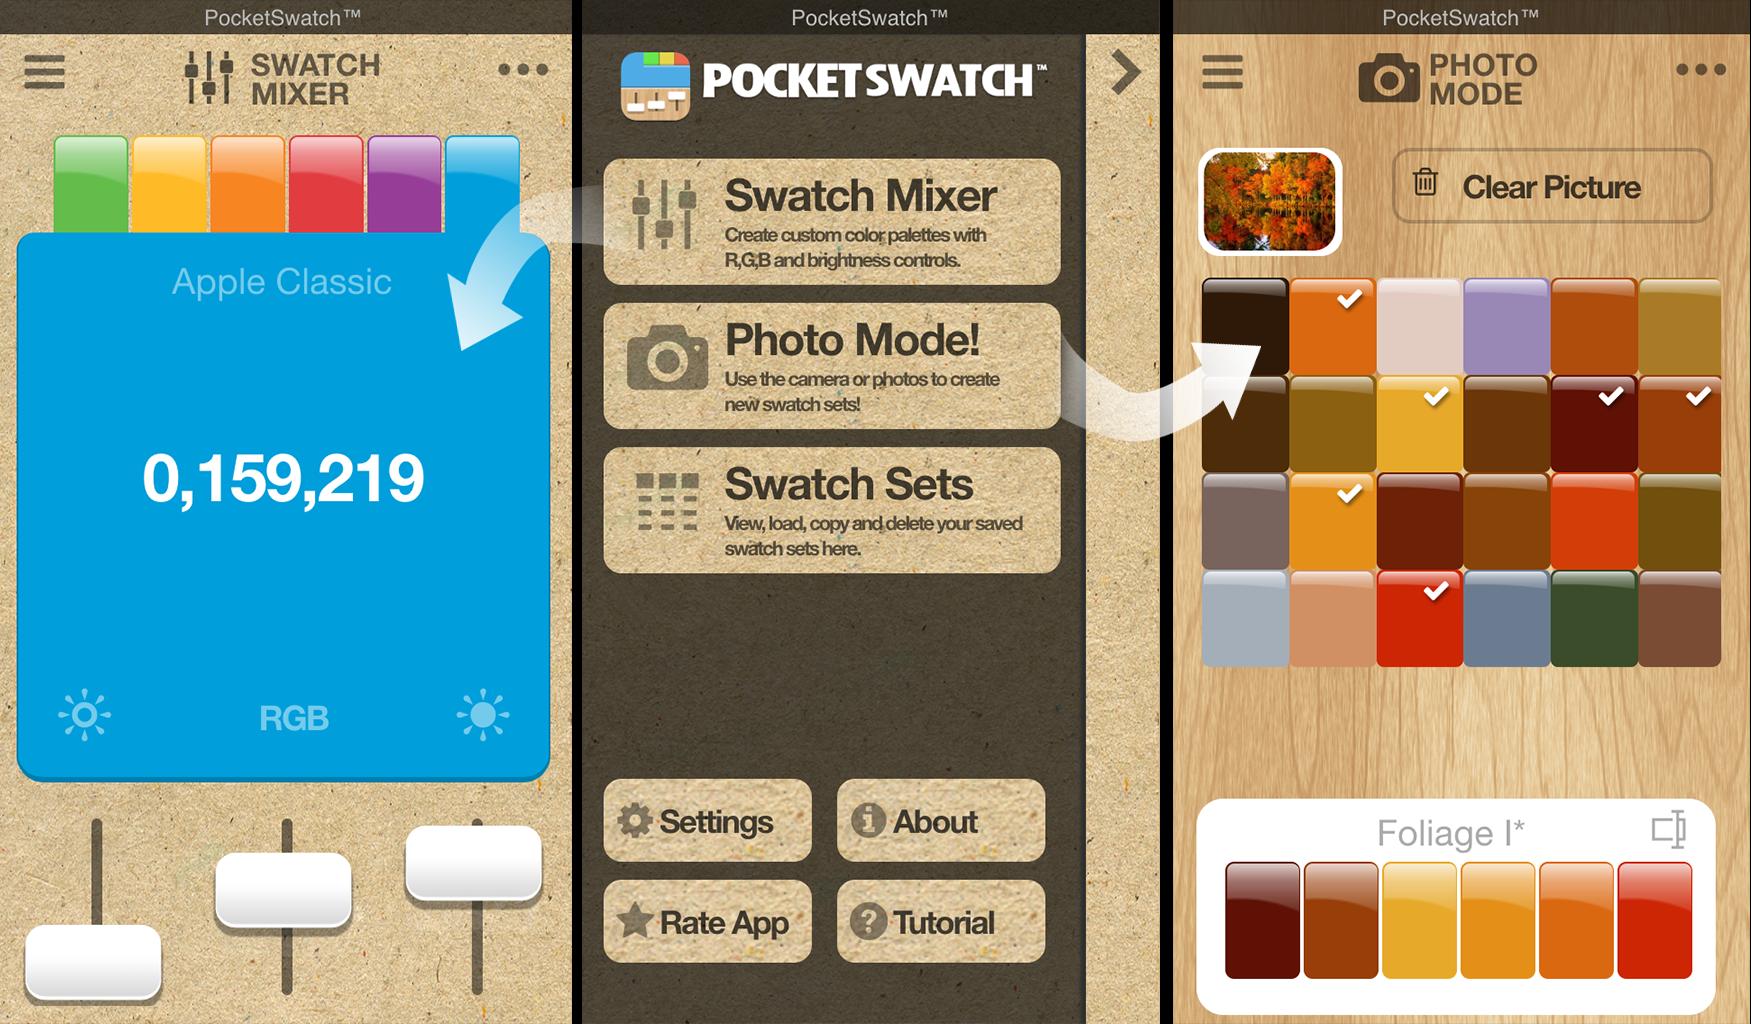 PocketSwatch